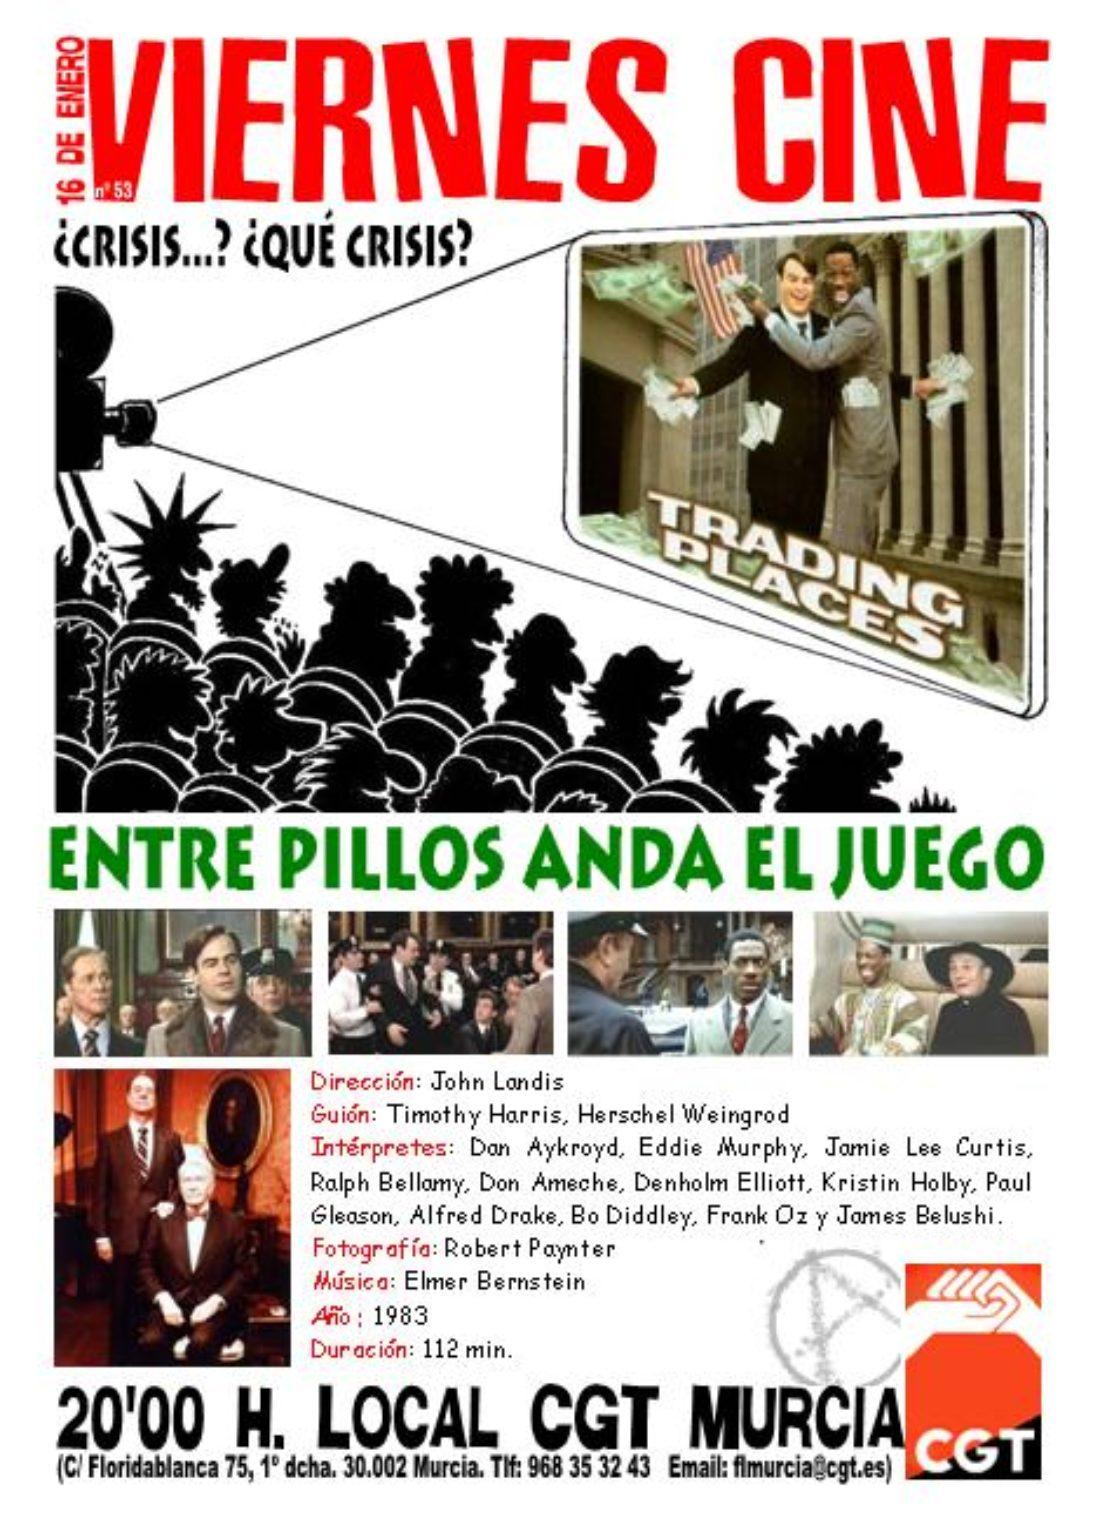 VIERNES CINE. El próximo 16 de enero ENTRE PILLOS ANDA EL JUEGO de John Landis a las 20'00 h. en el local de CGT en Murcia